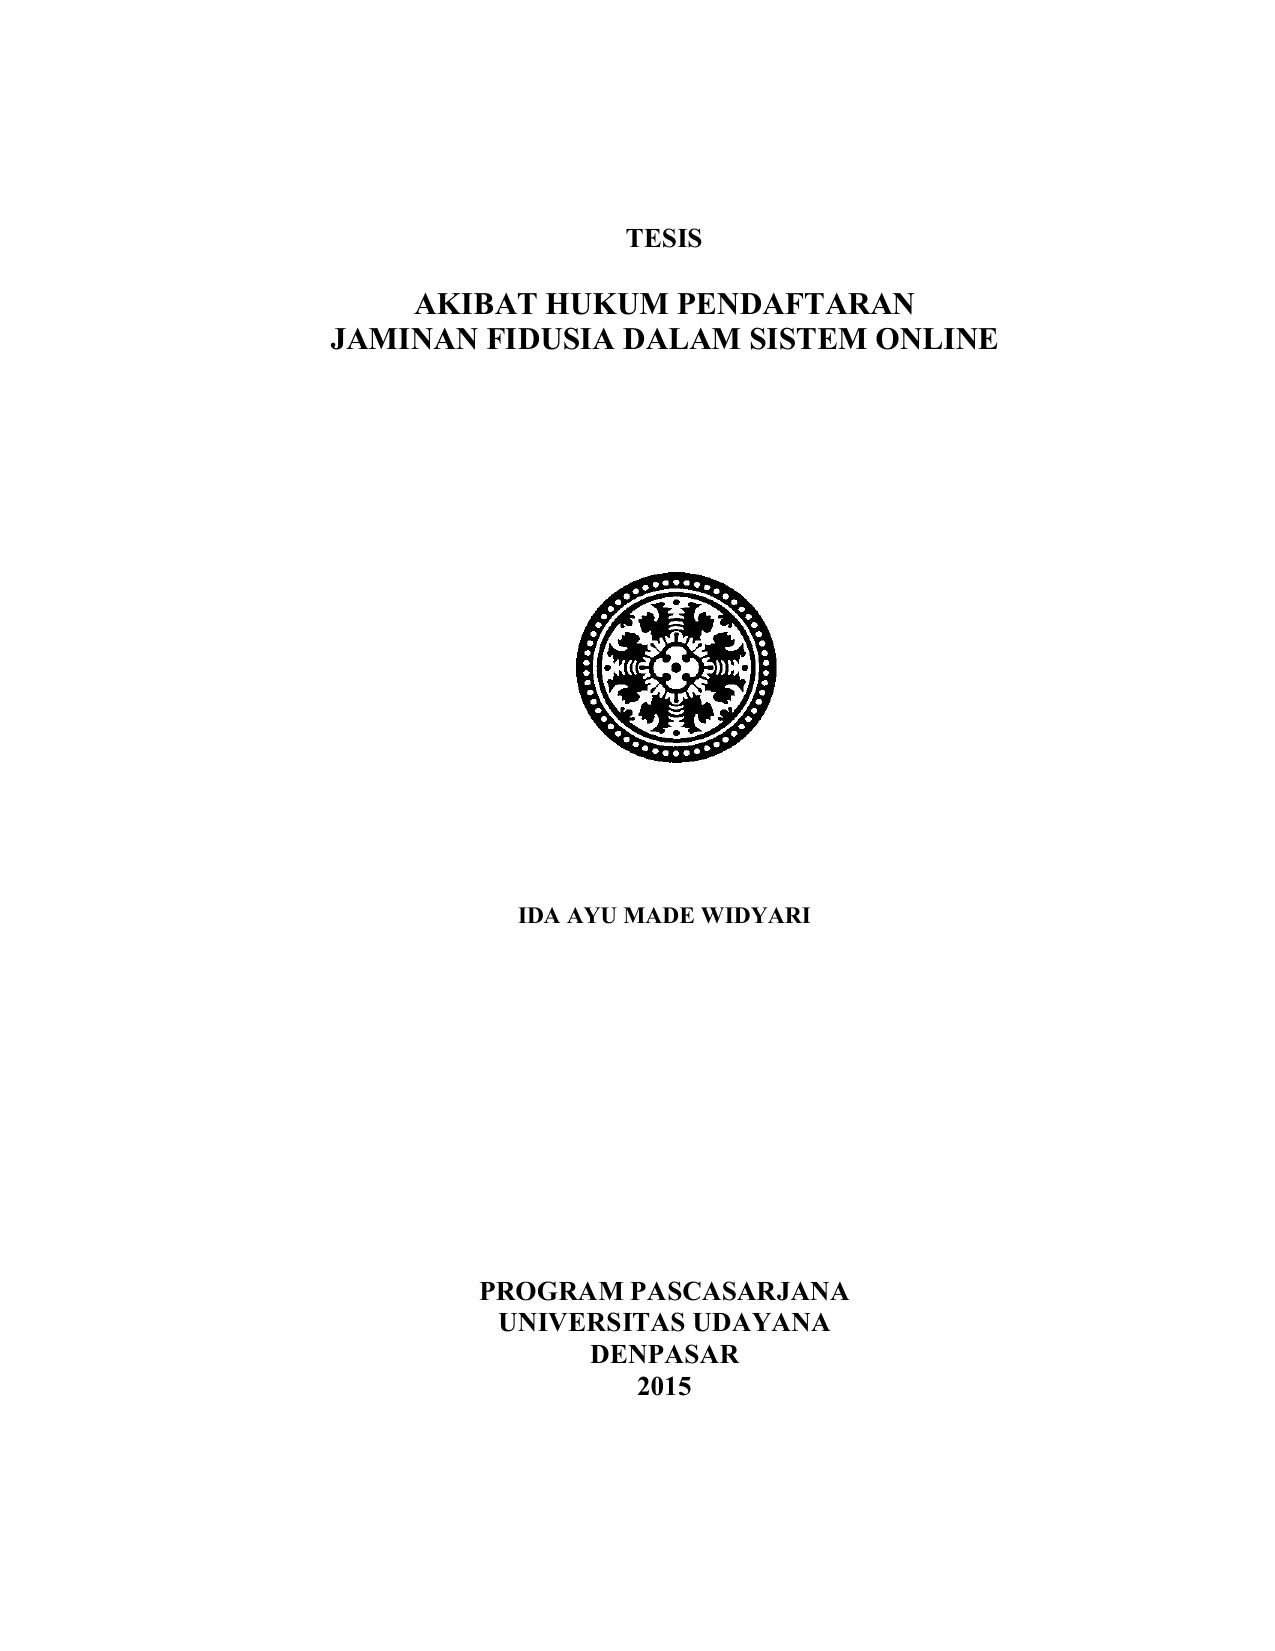 Akibat Hukum Pendaftaran Jaminan Fidusia Dalam Sistem